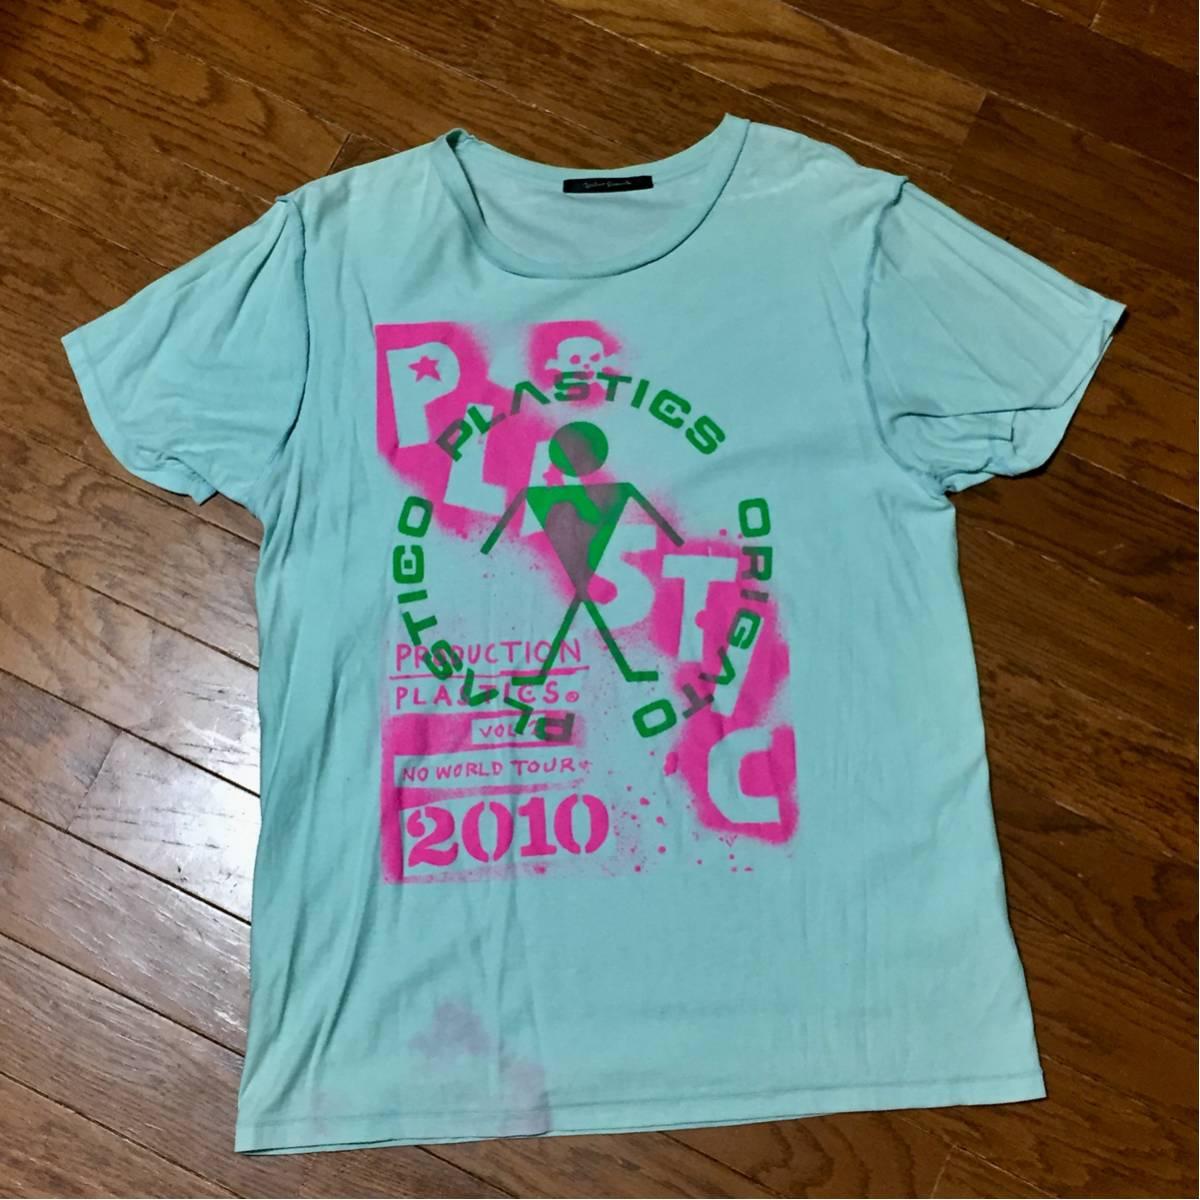 【貴重】PLASTICS x URBAN RESEARCH コラボ Tシャツ プラスチックス 中西俊夫 立花ハジメ 2010年